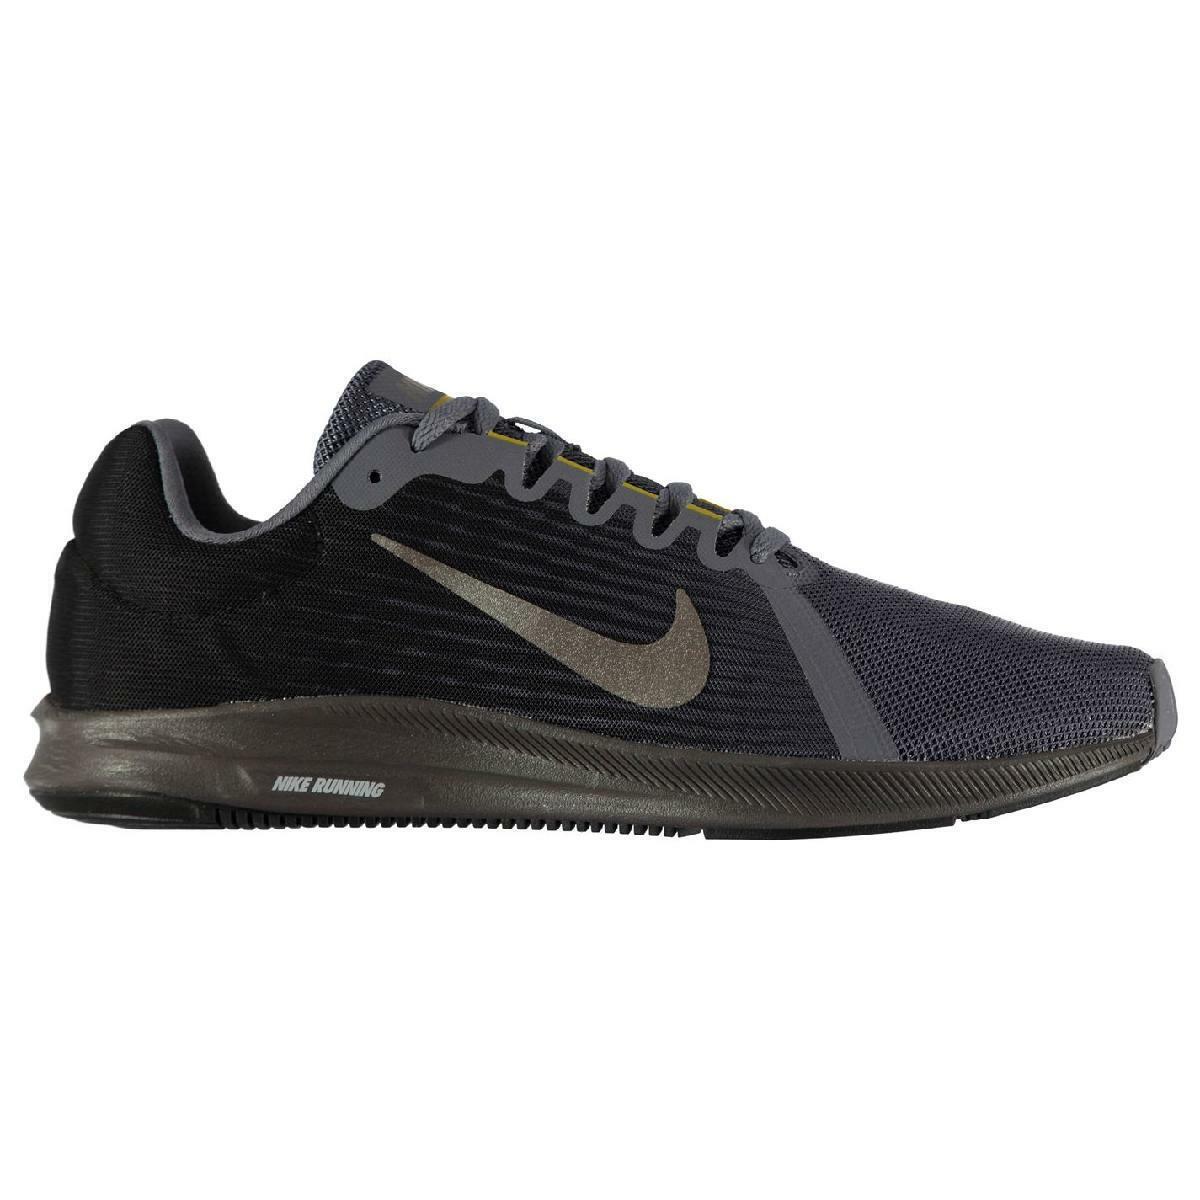 Nike Downshifter 8 Turnschuhe Laufschuhe Herren Turnschuhe